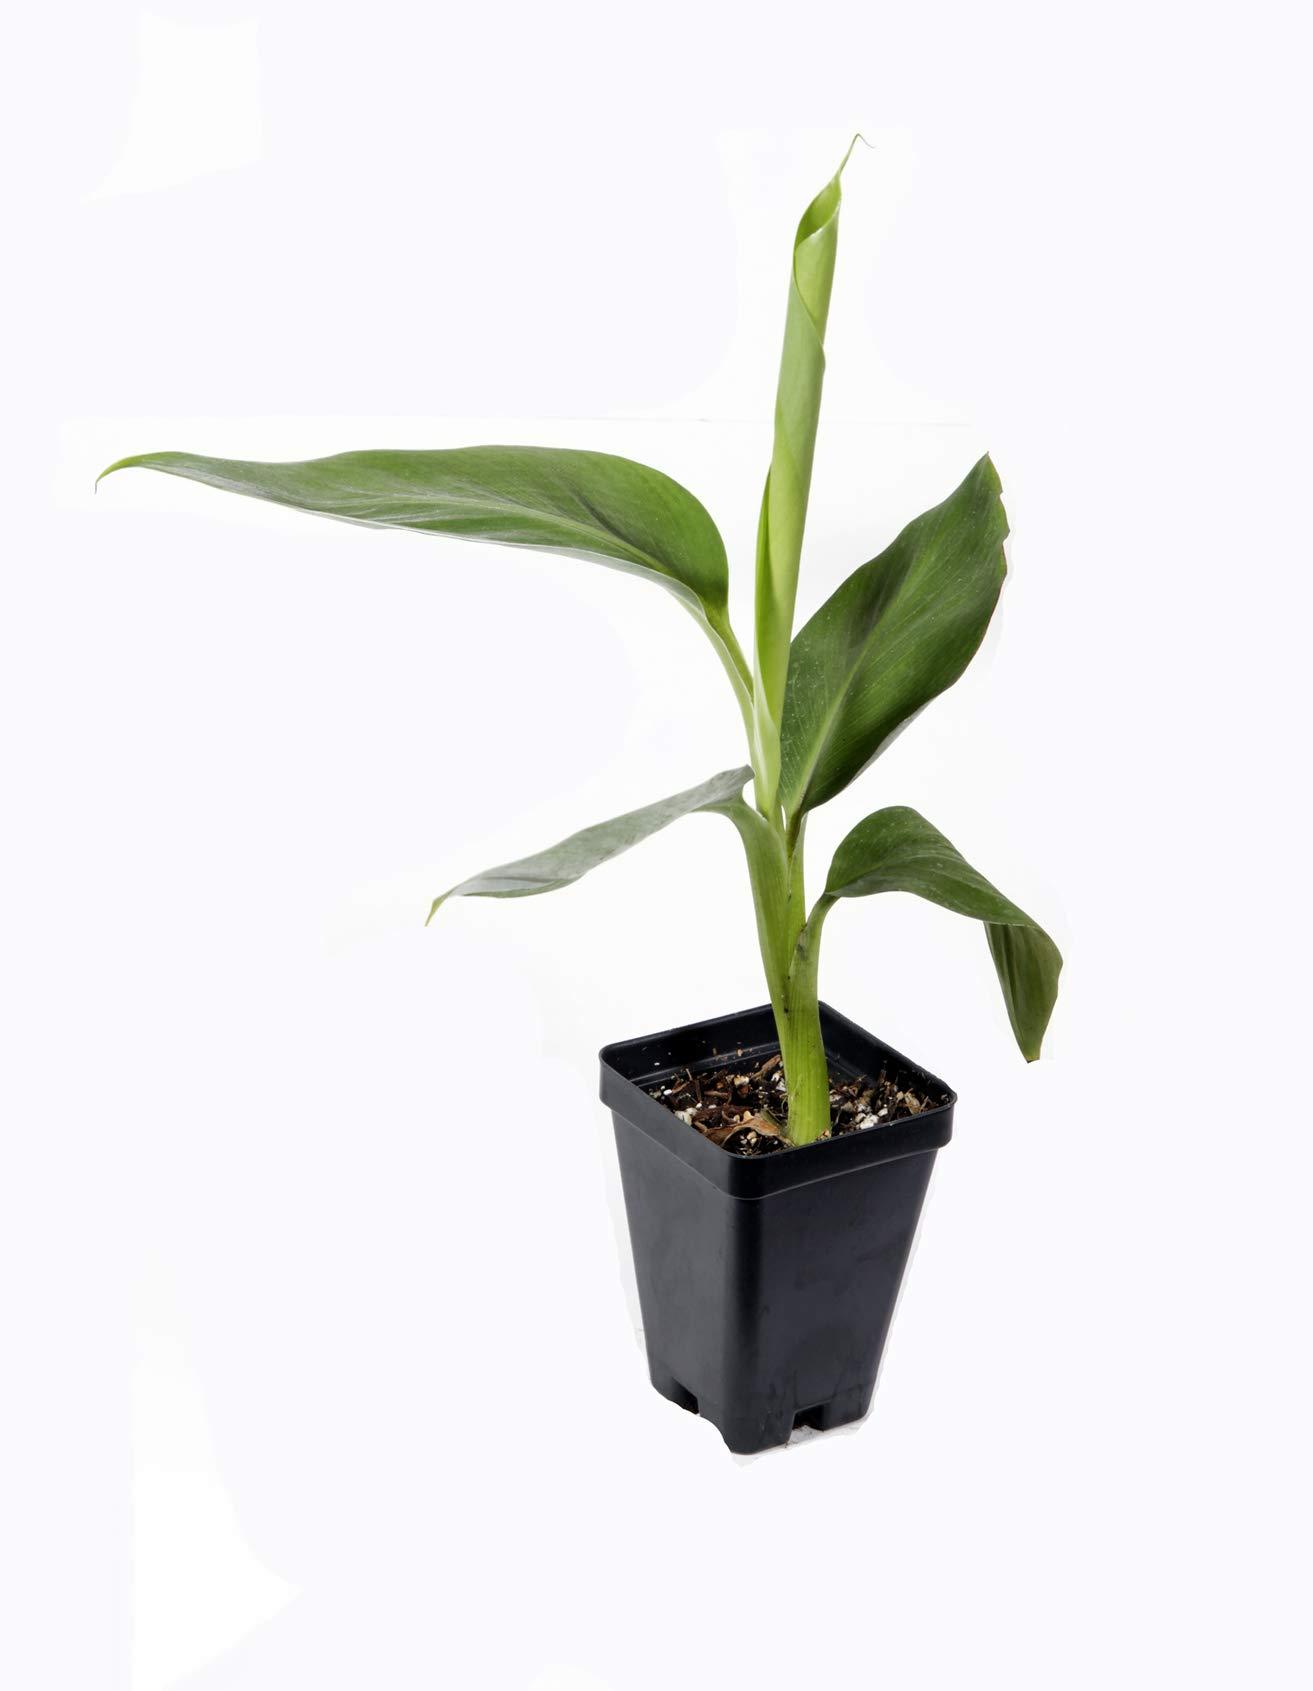 Manzano ''Apple'' Banana Plant ***Rare*** Live Manzano ''Apple'' Banana Tree by Natures Garden Nursery (Image #1)